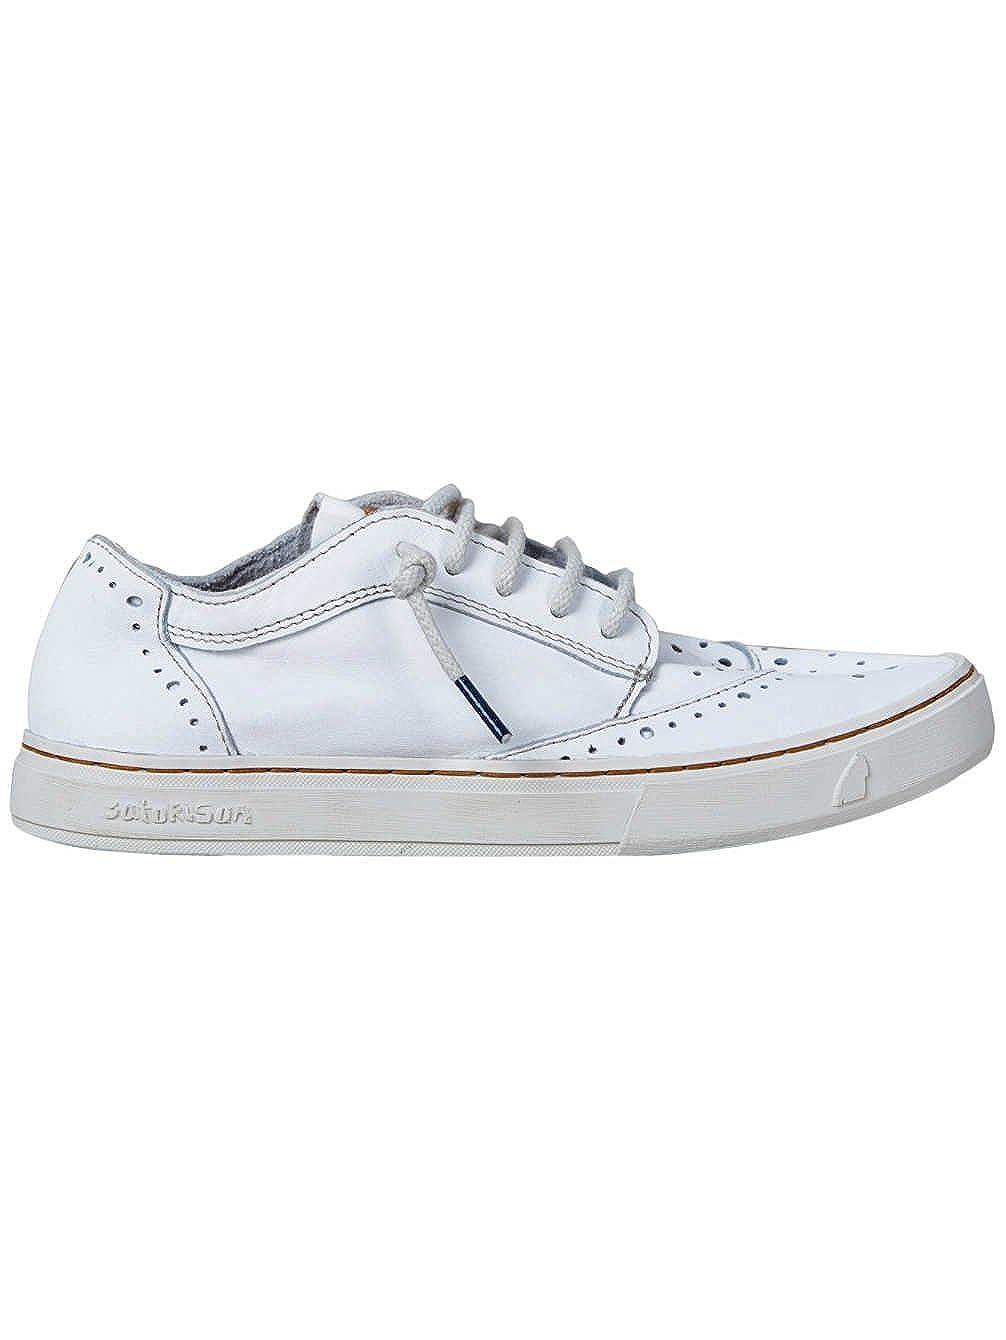 Satorisan Scarpe Sneaker Donna YUKAI P208 Napa White Primavera Estate 2018 36